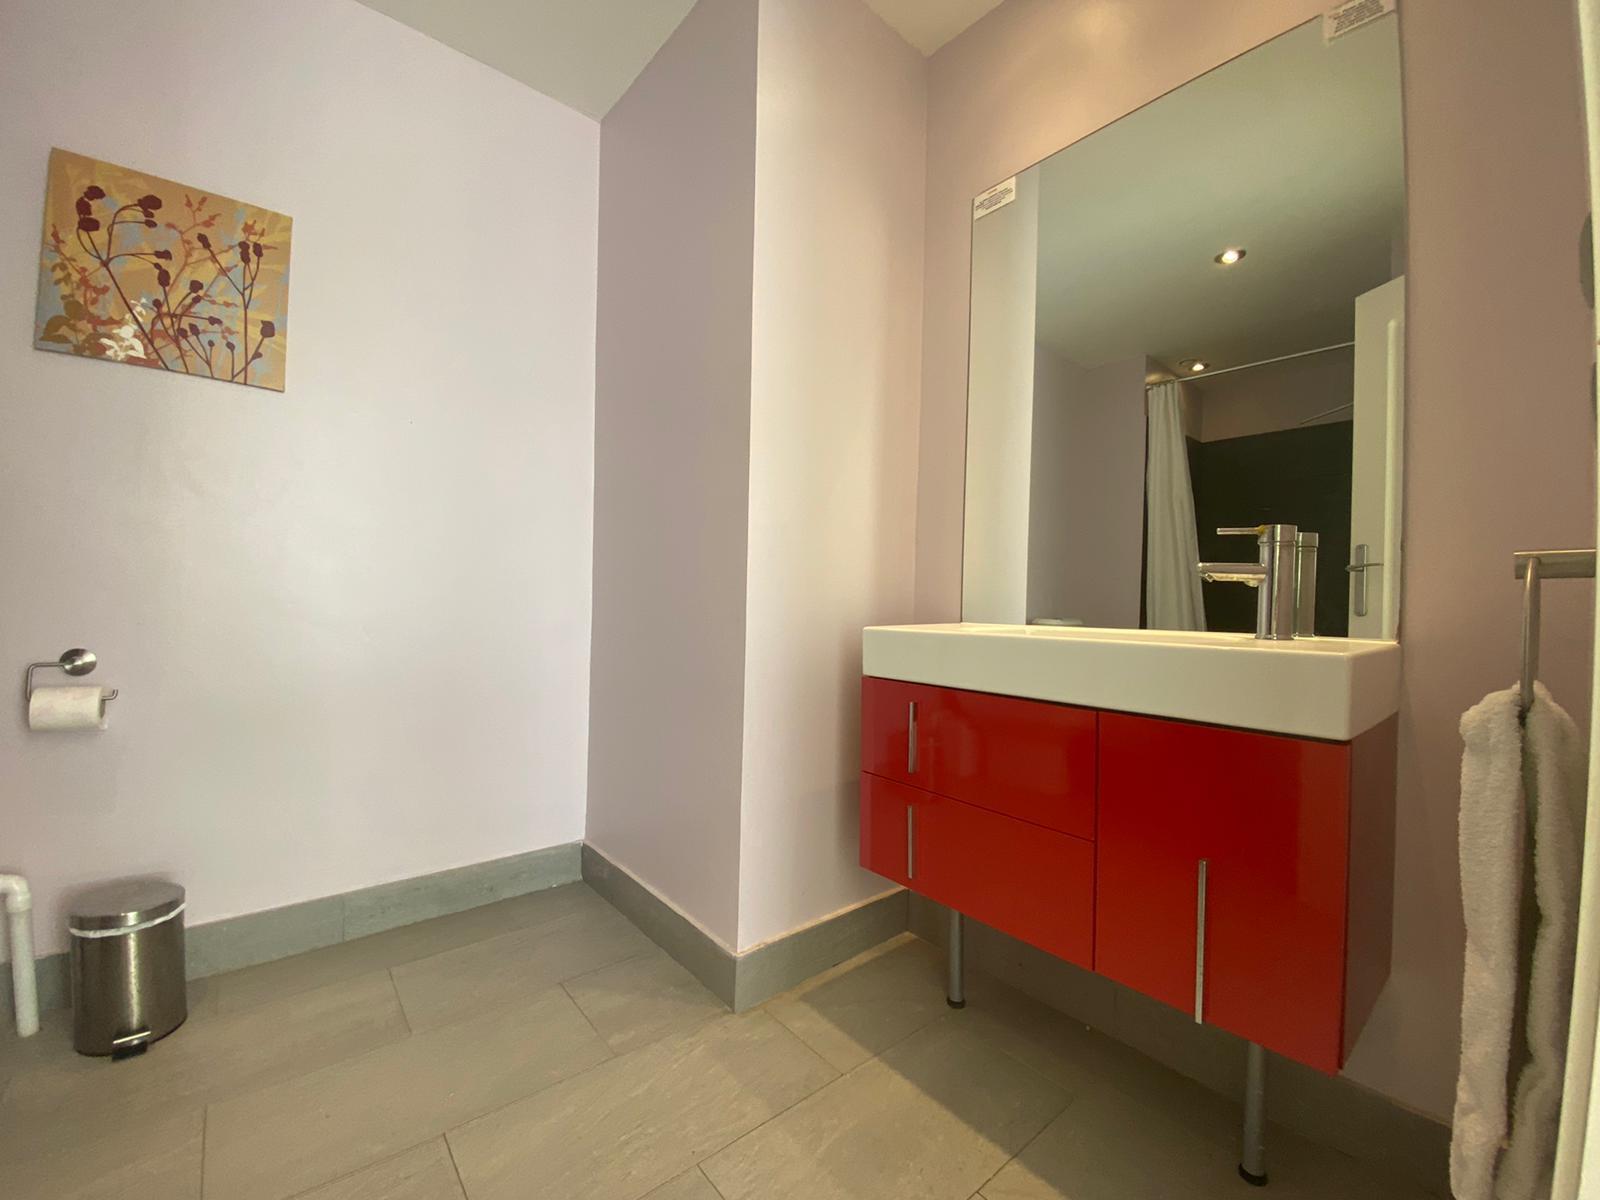 Imagen 13 del Apartamento Turístico, Ático 7 Levante (3d +2b), Punta del Moral (HUELVA), Paseo de la Cruz nº22